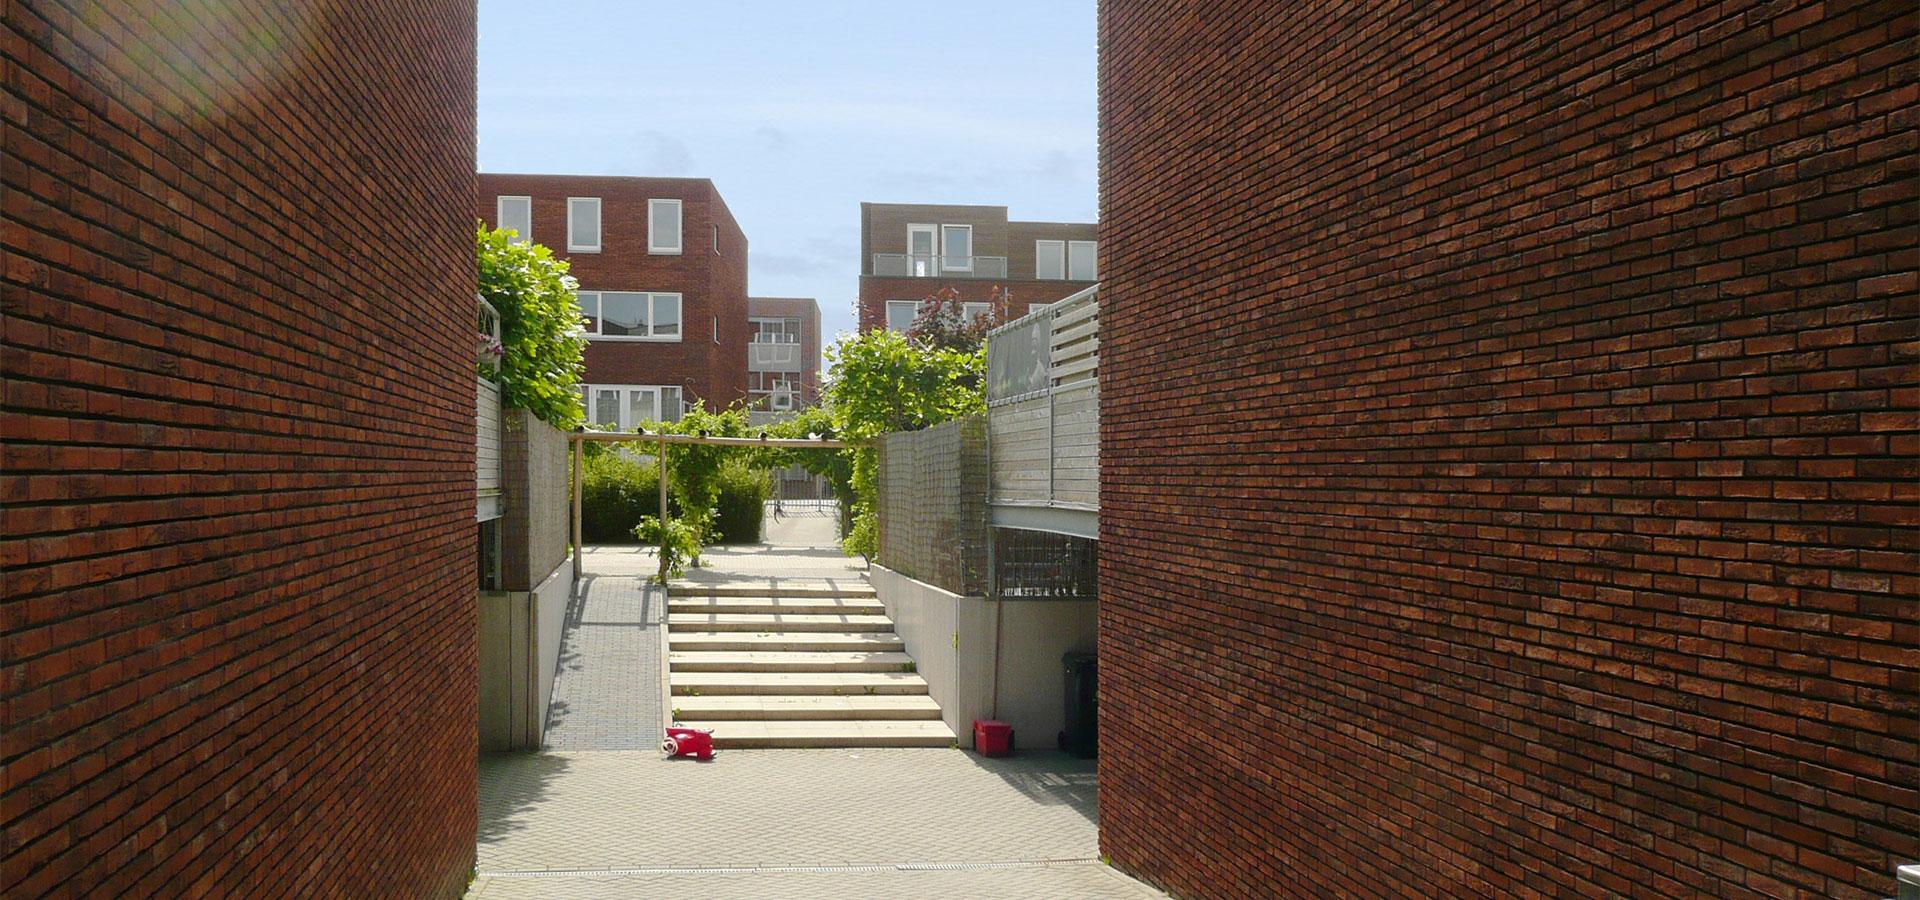 FARO architecten Beekpark Apeldoorn 01